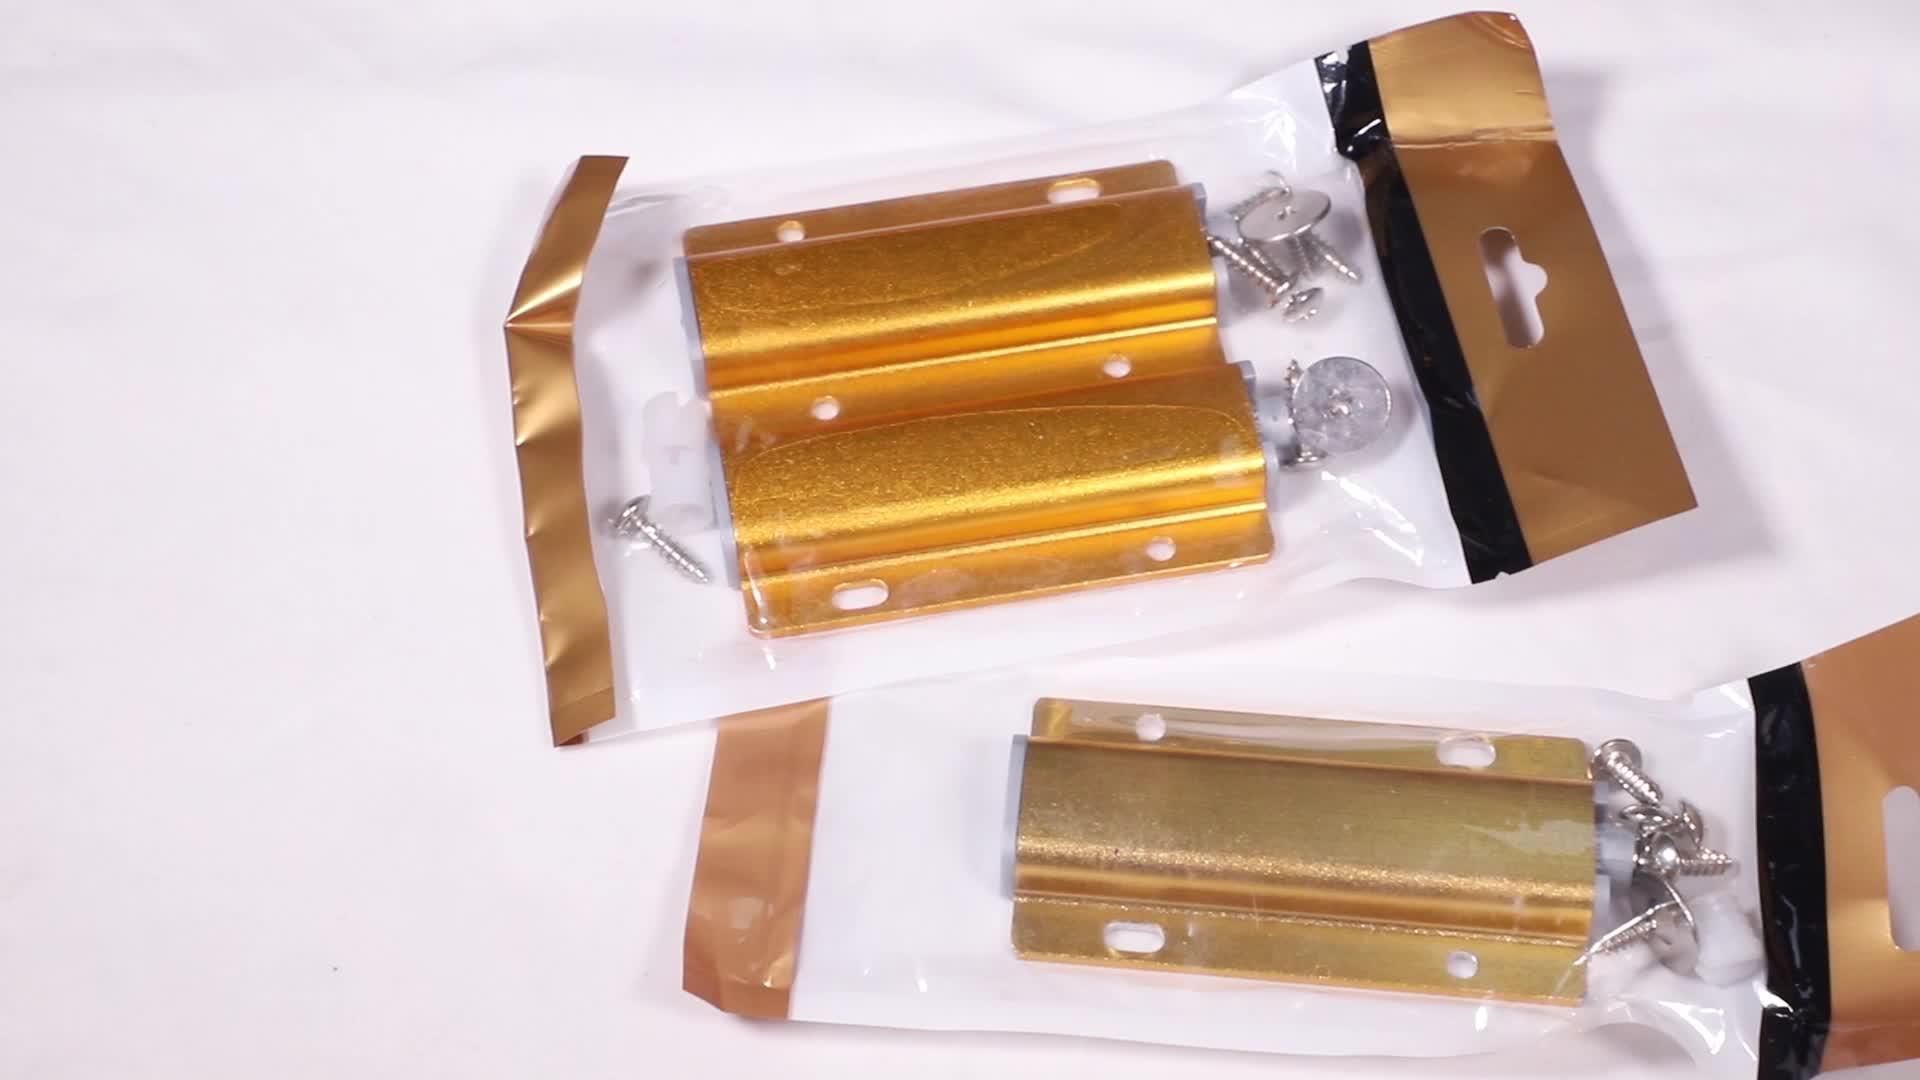 LESLIE hardware mobili armadietto di plastica di chiusura della porta più vicino push to open system porta magnetico cattura fermo